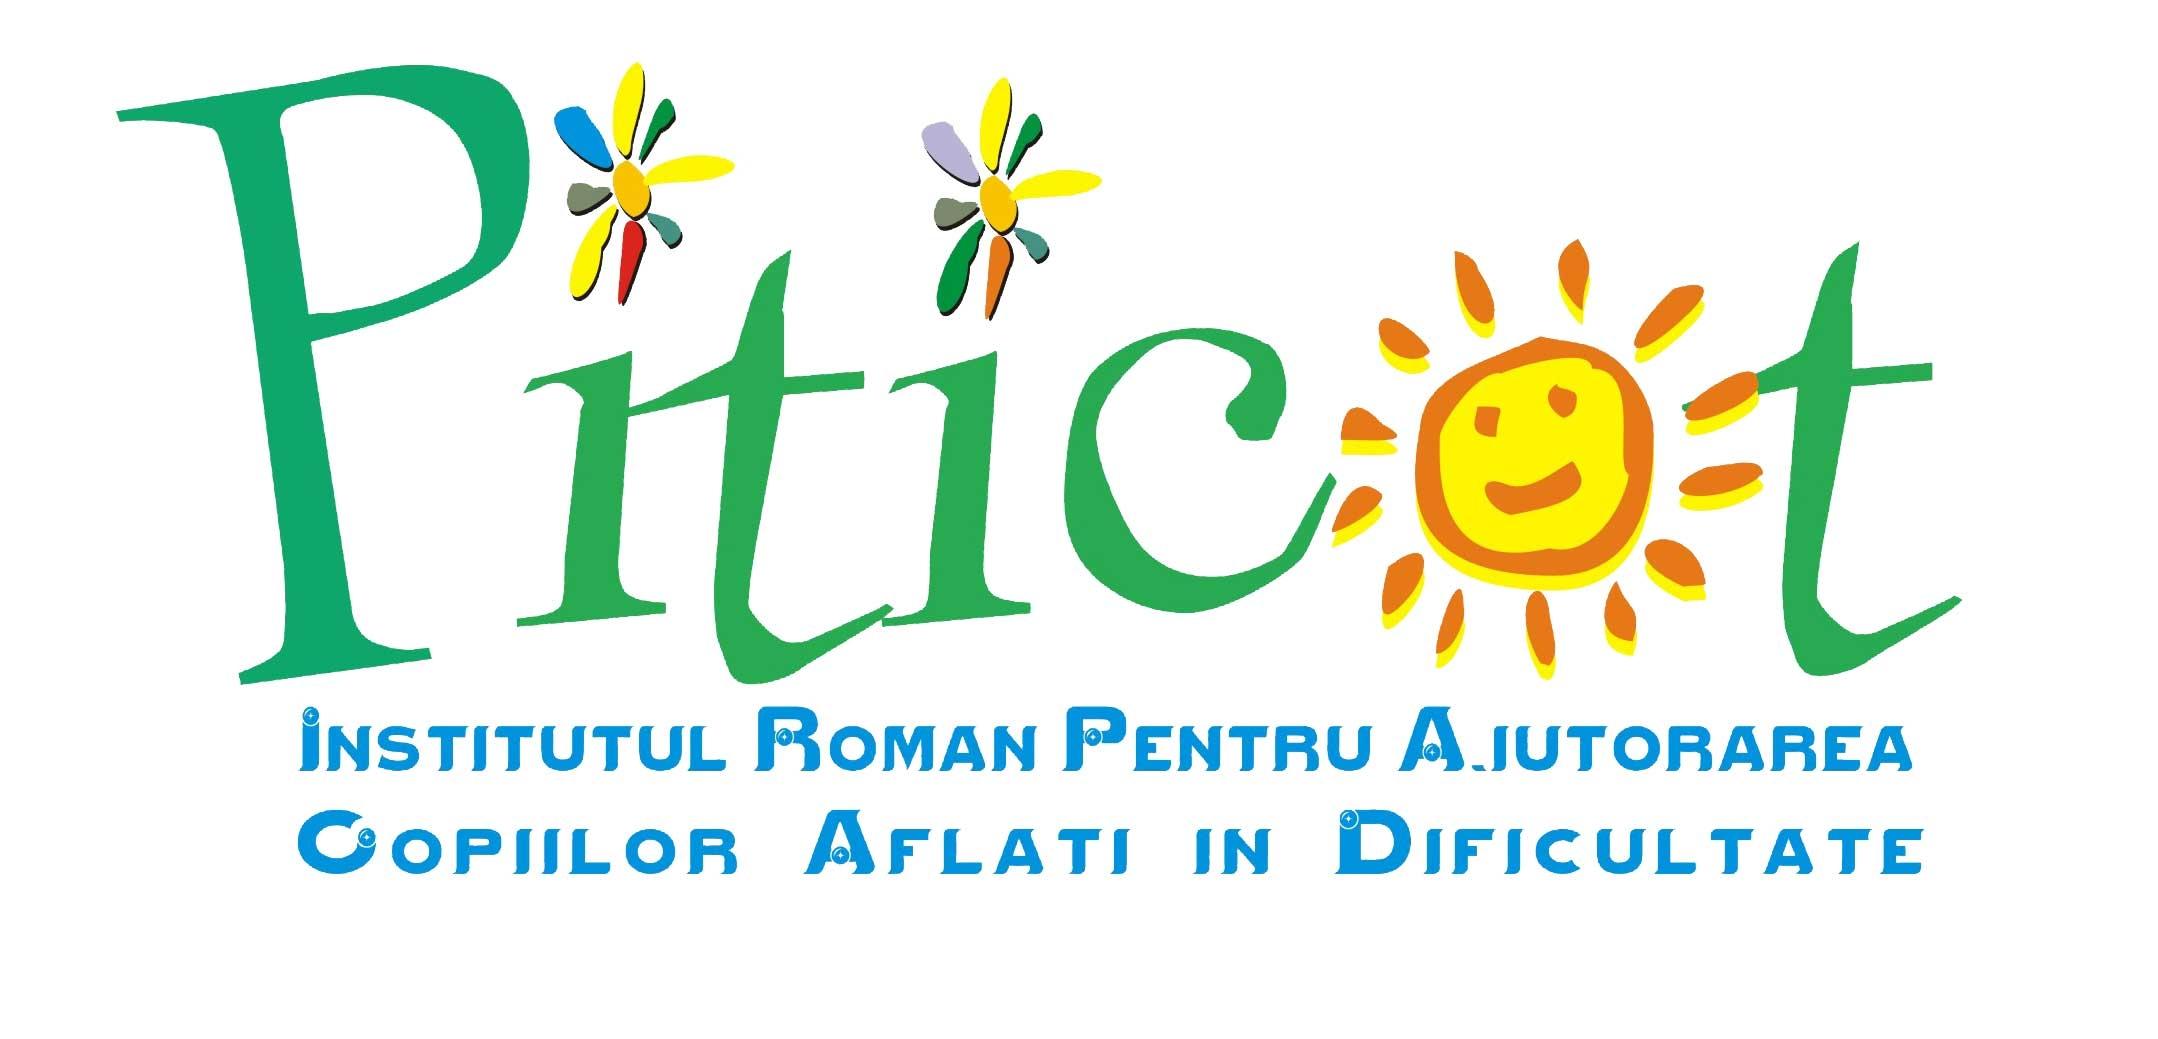 """Asociatia Institutul Roman pentru Ajutorarea Copiilor Aflati in Dificultate """"Piticot"""" logo"""